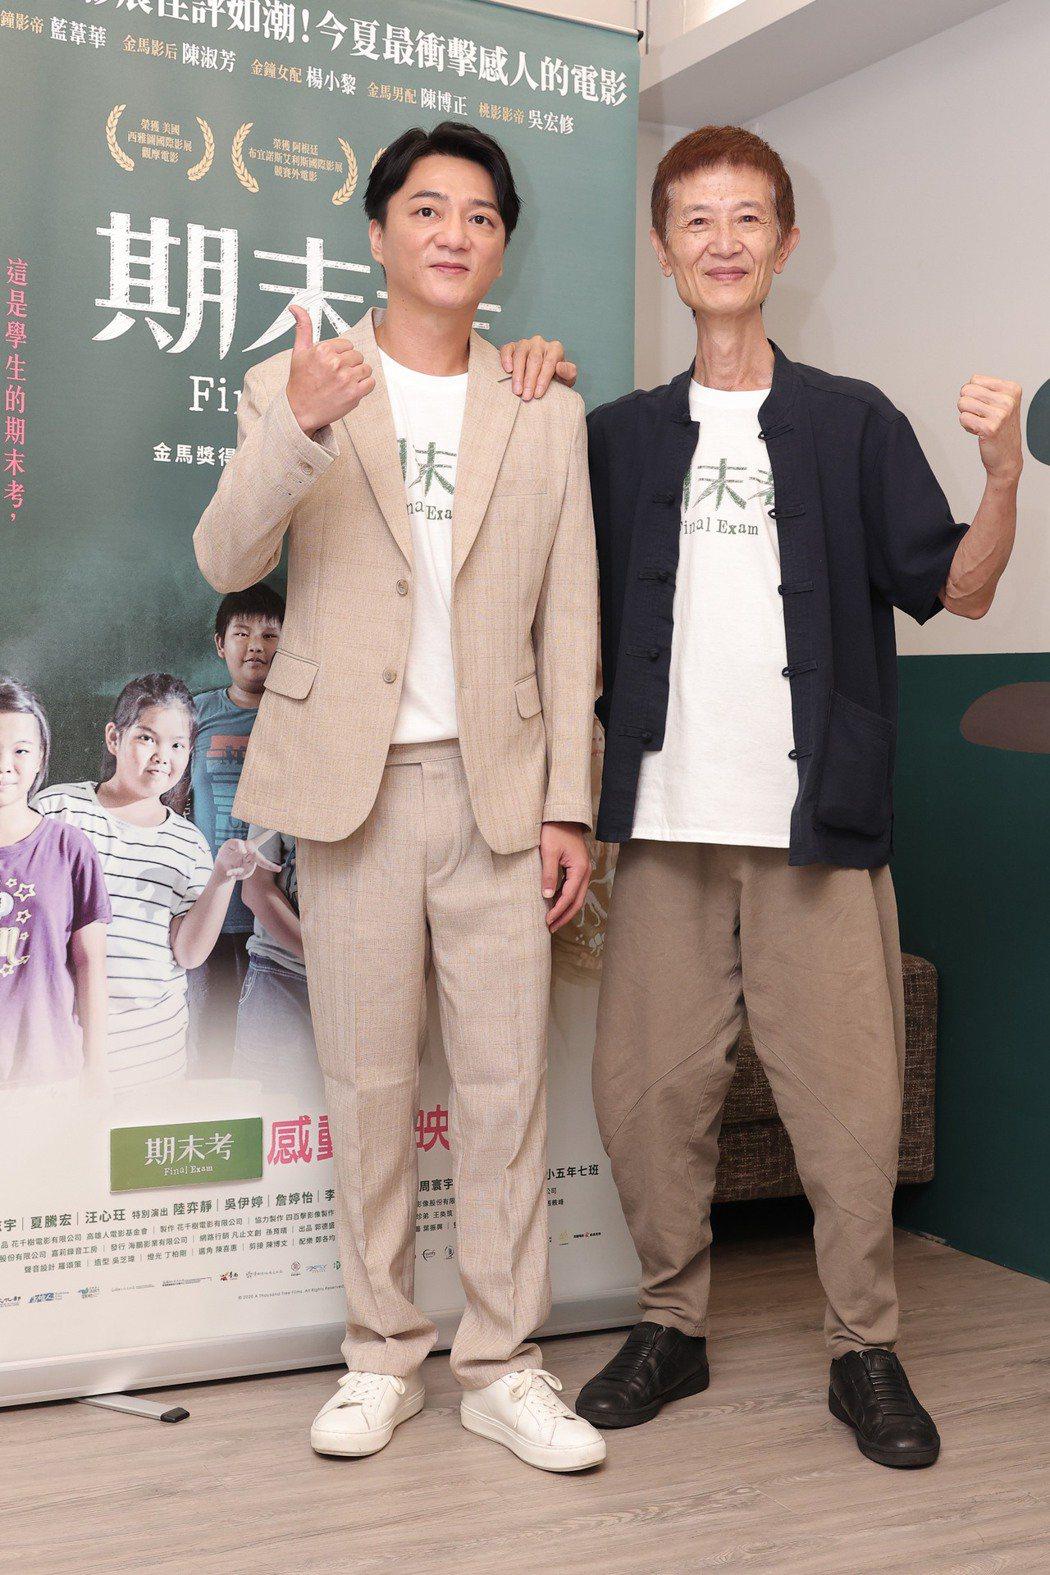 藍葦華(左)、陳博正在「期末考」分別演出老師、校長,有不少對手戲。記者李政龍攝